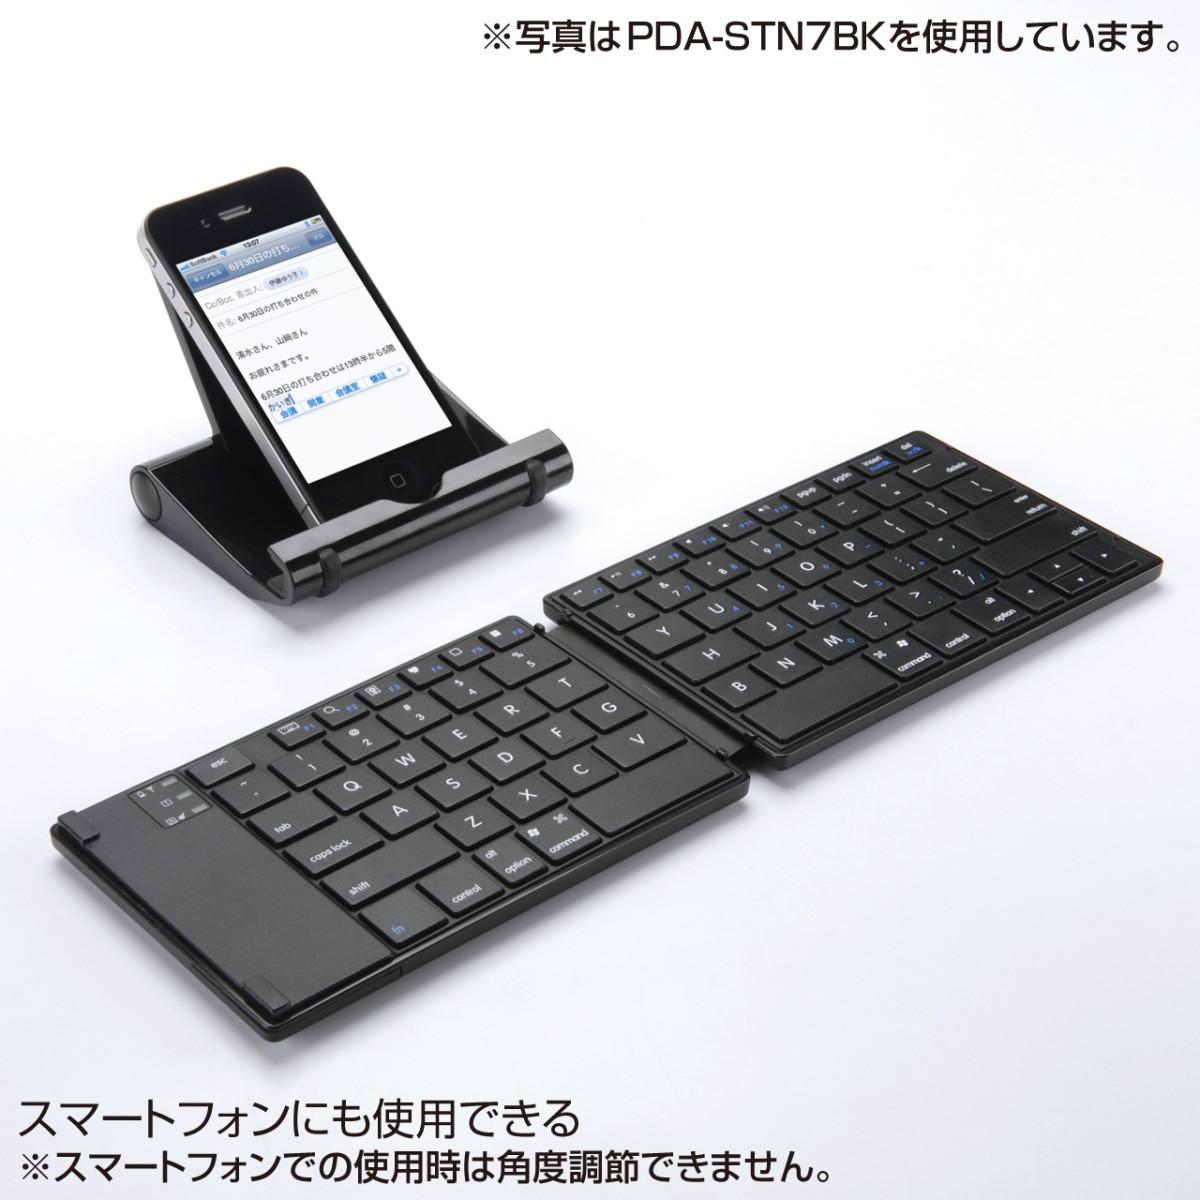 [PDA-STN7W] 折りたたみ式iPadスタンド(ホワイト)